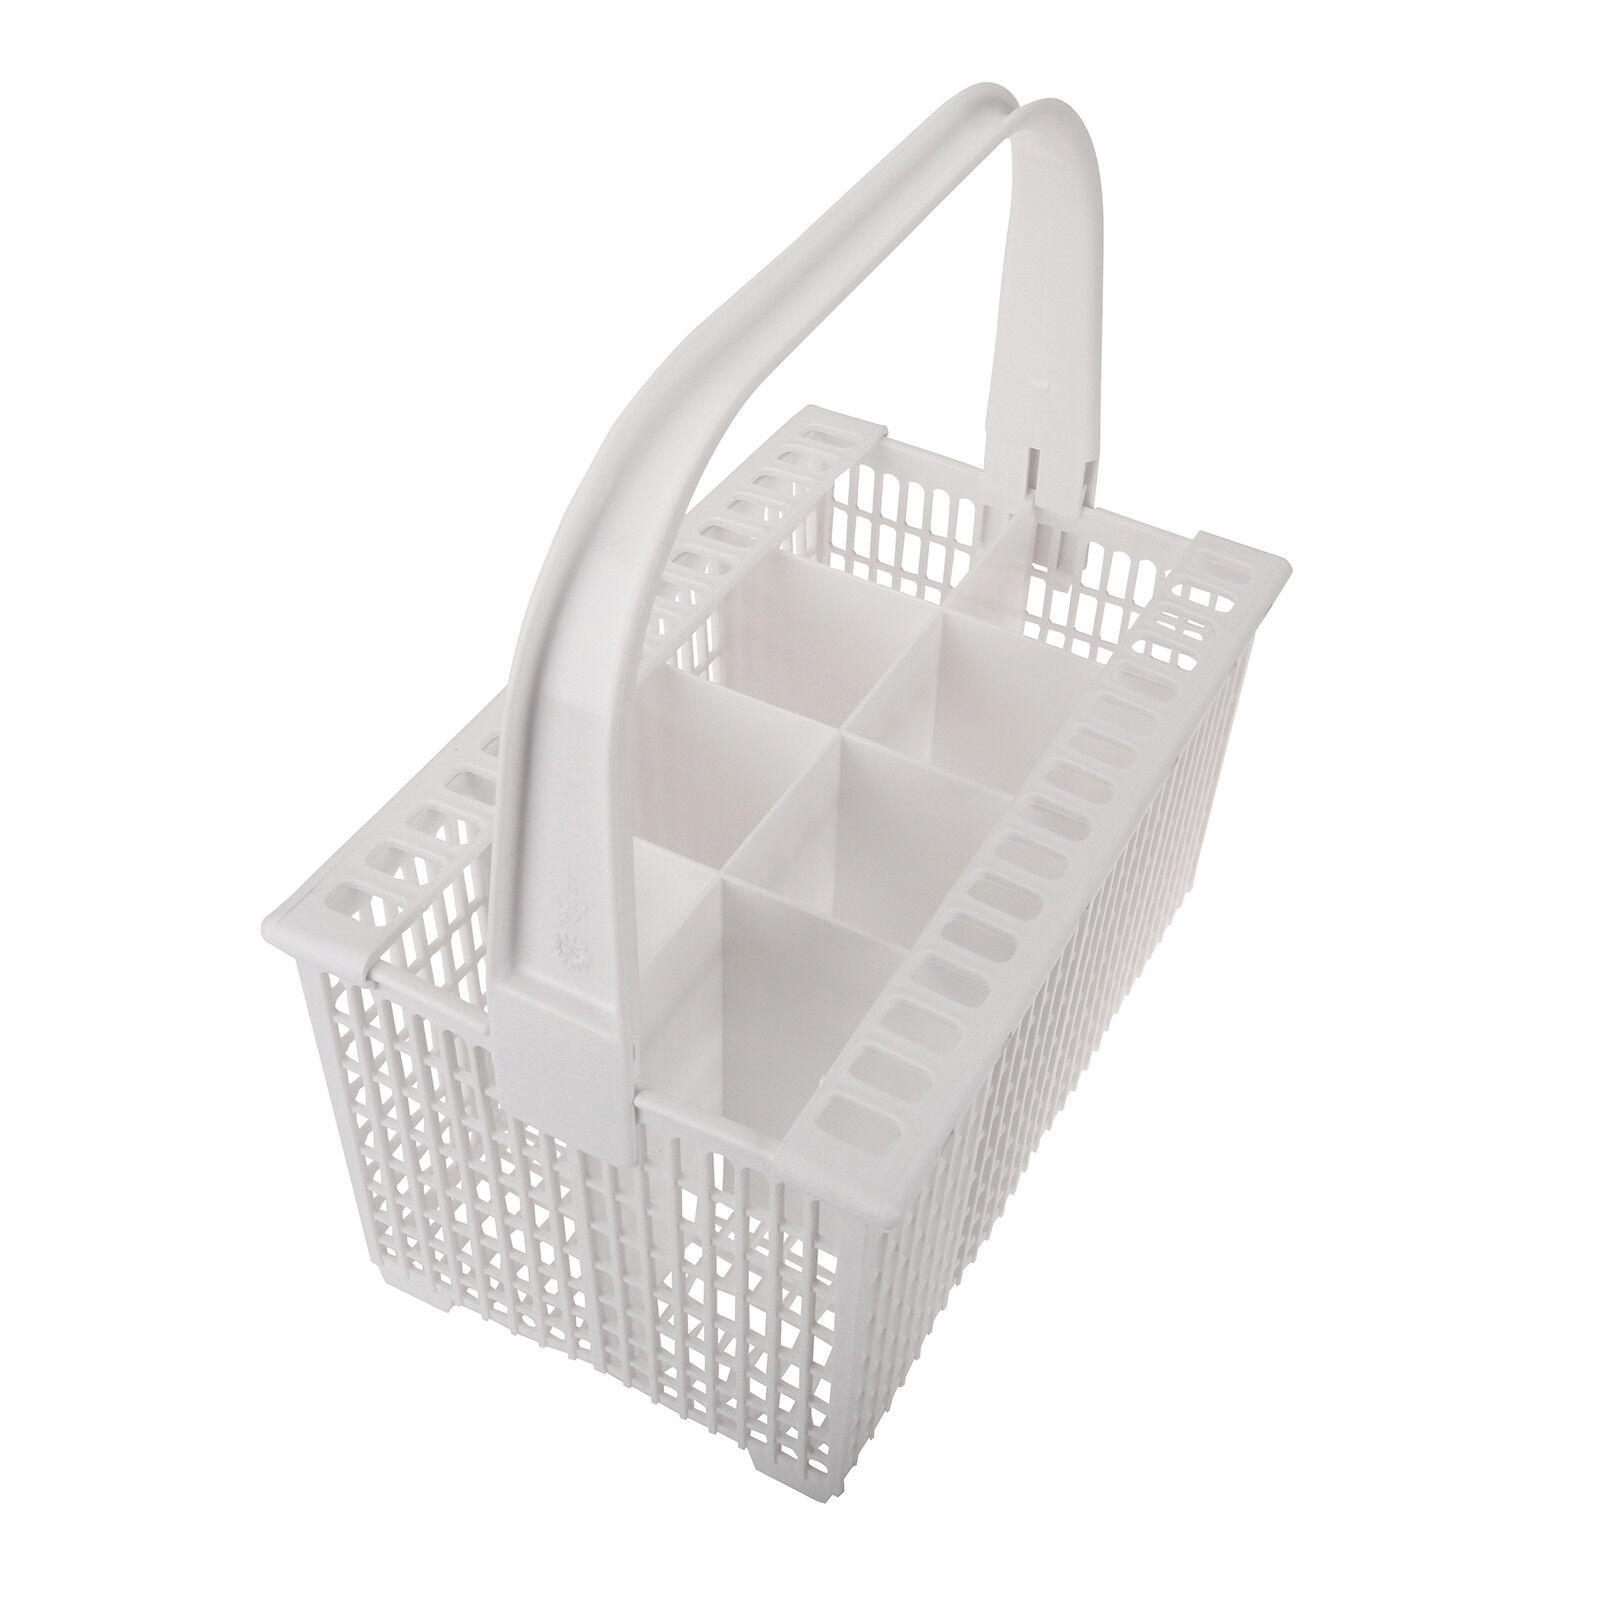 Genuine Zanussi Electrolux Z80 Dishwasher Cutlery Basket